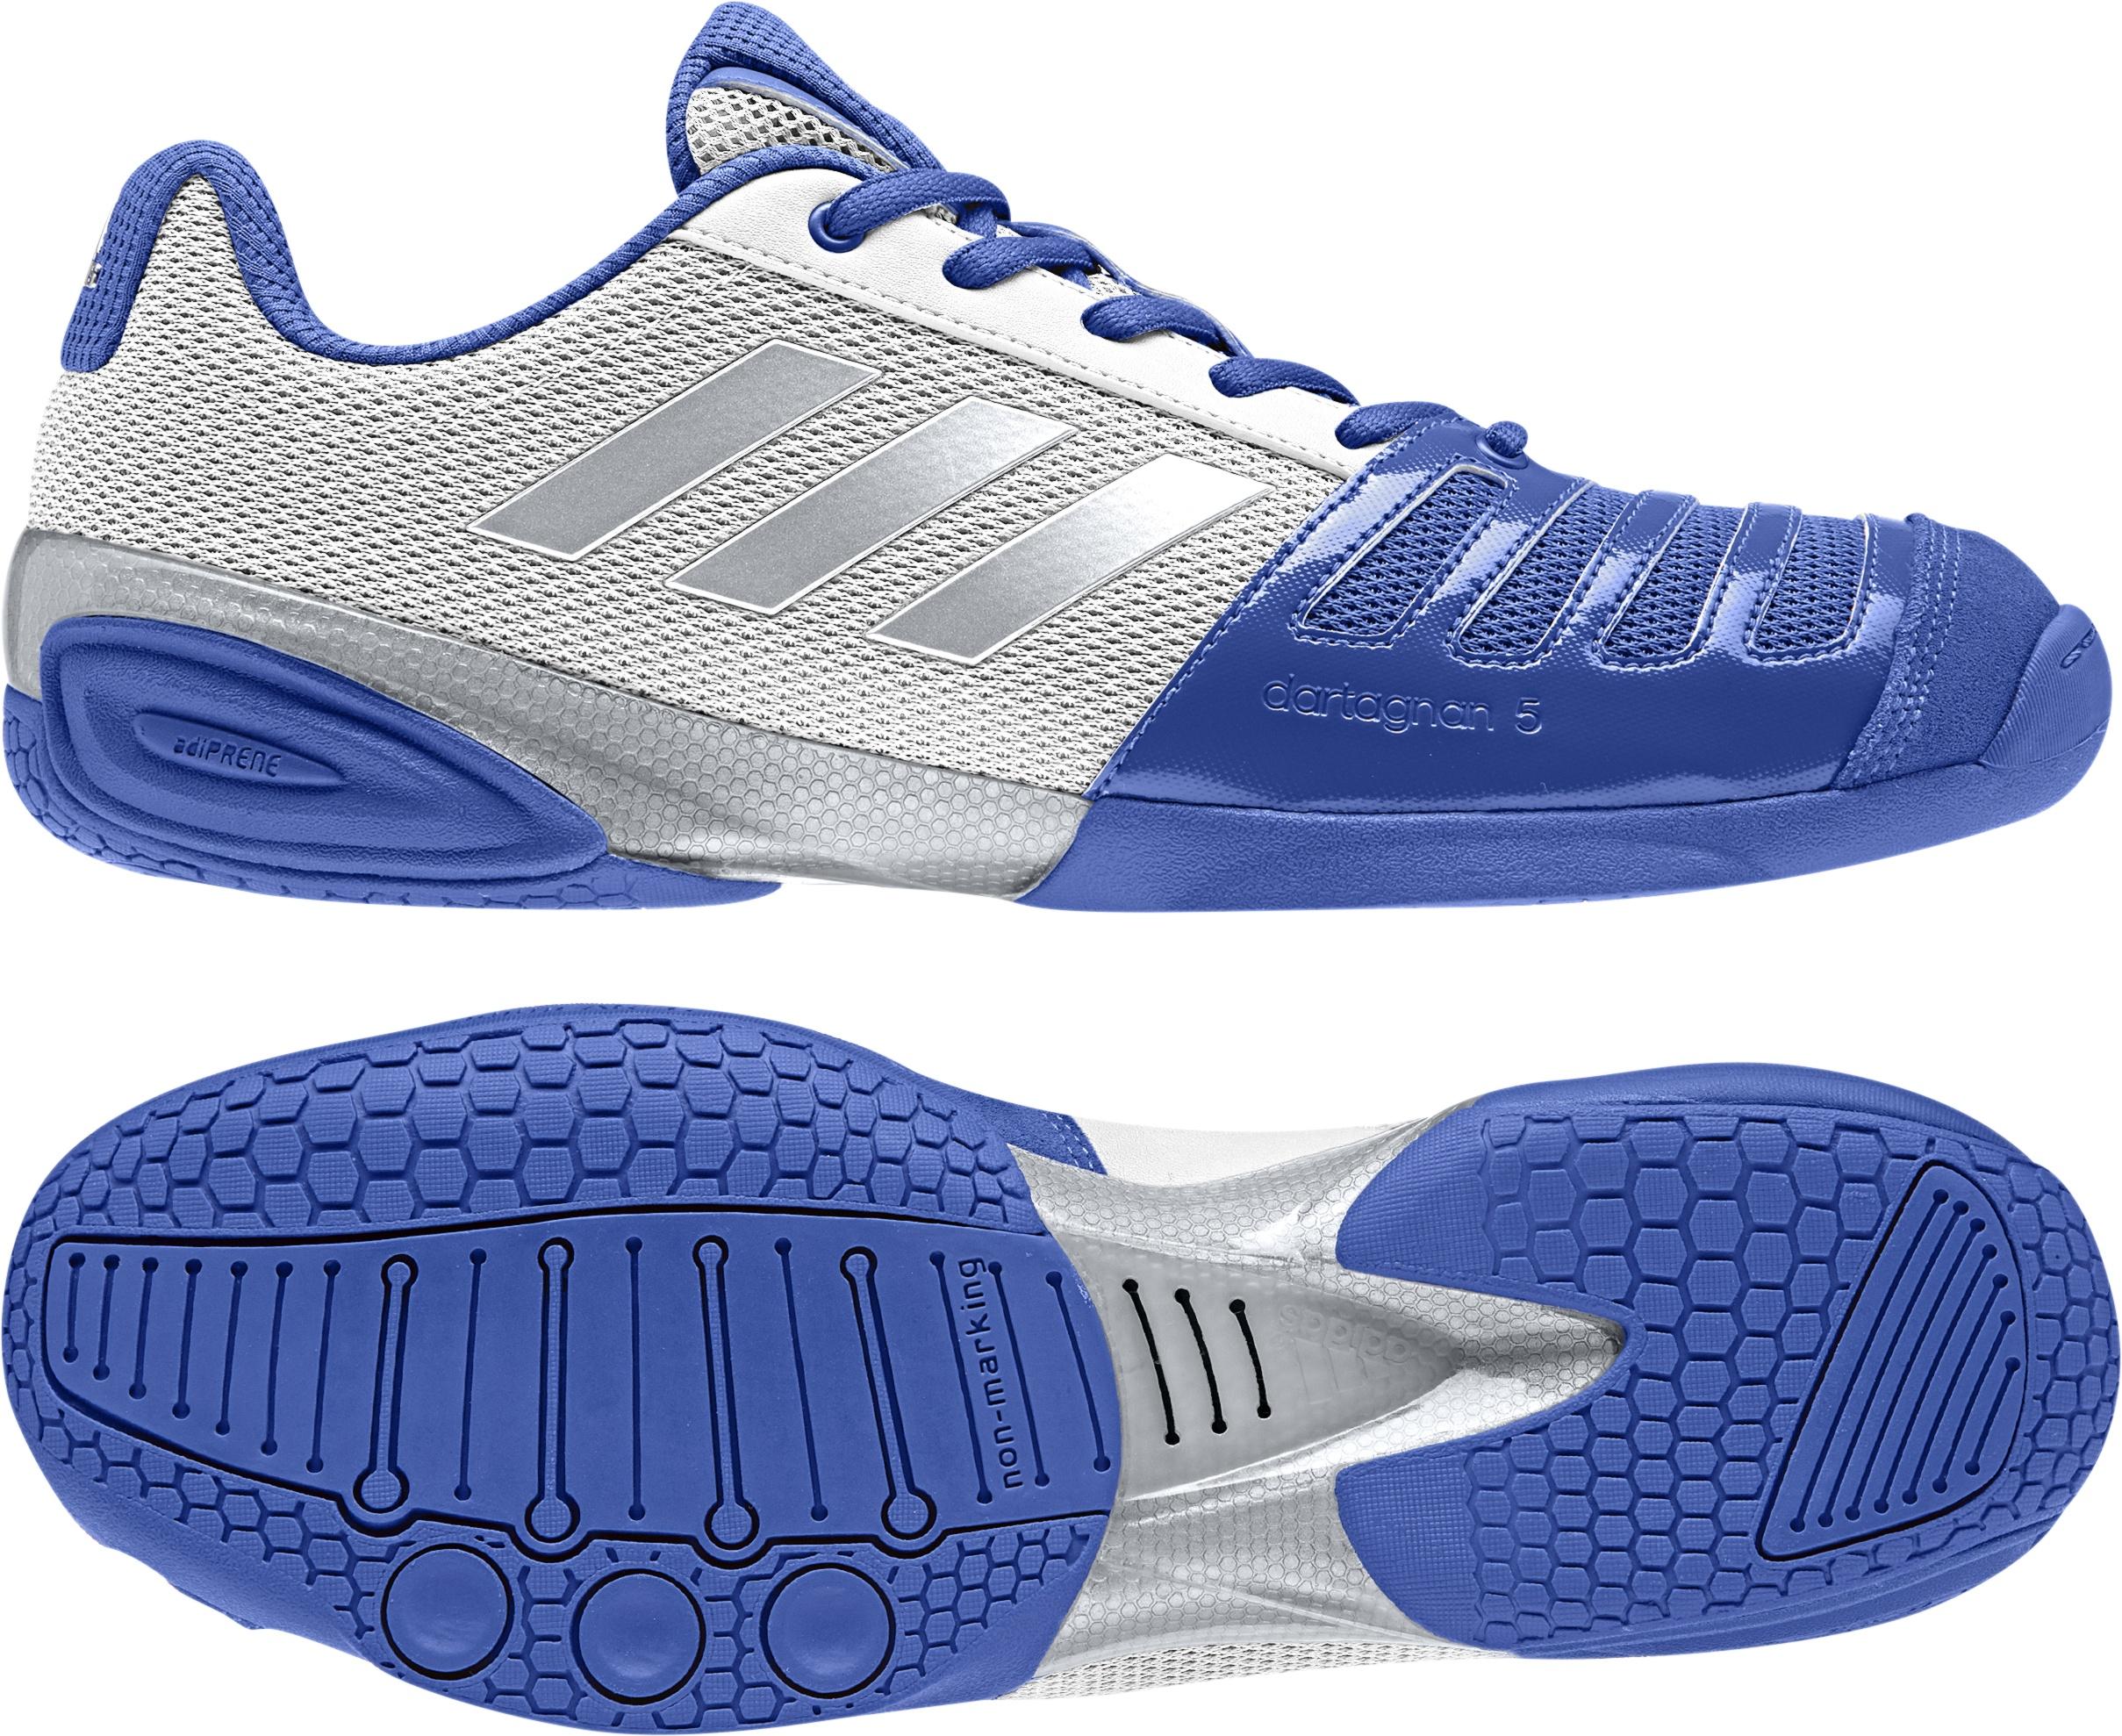 Chaussures d'Escrime Adidas d'Artagnan V (